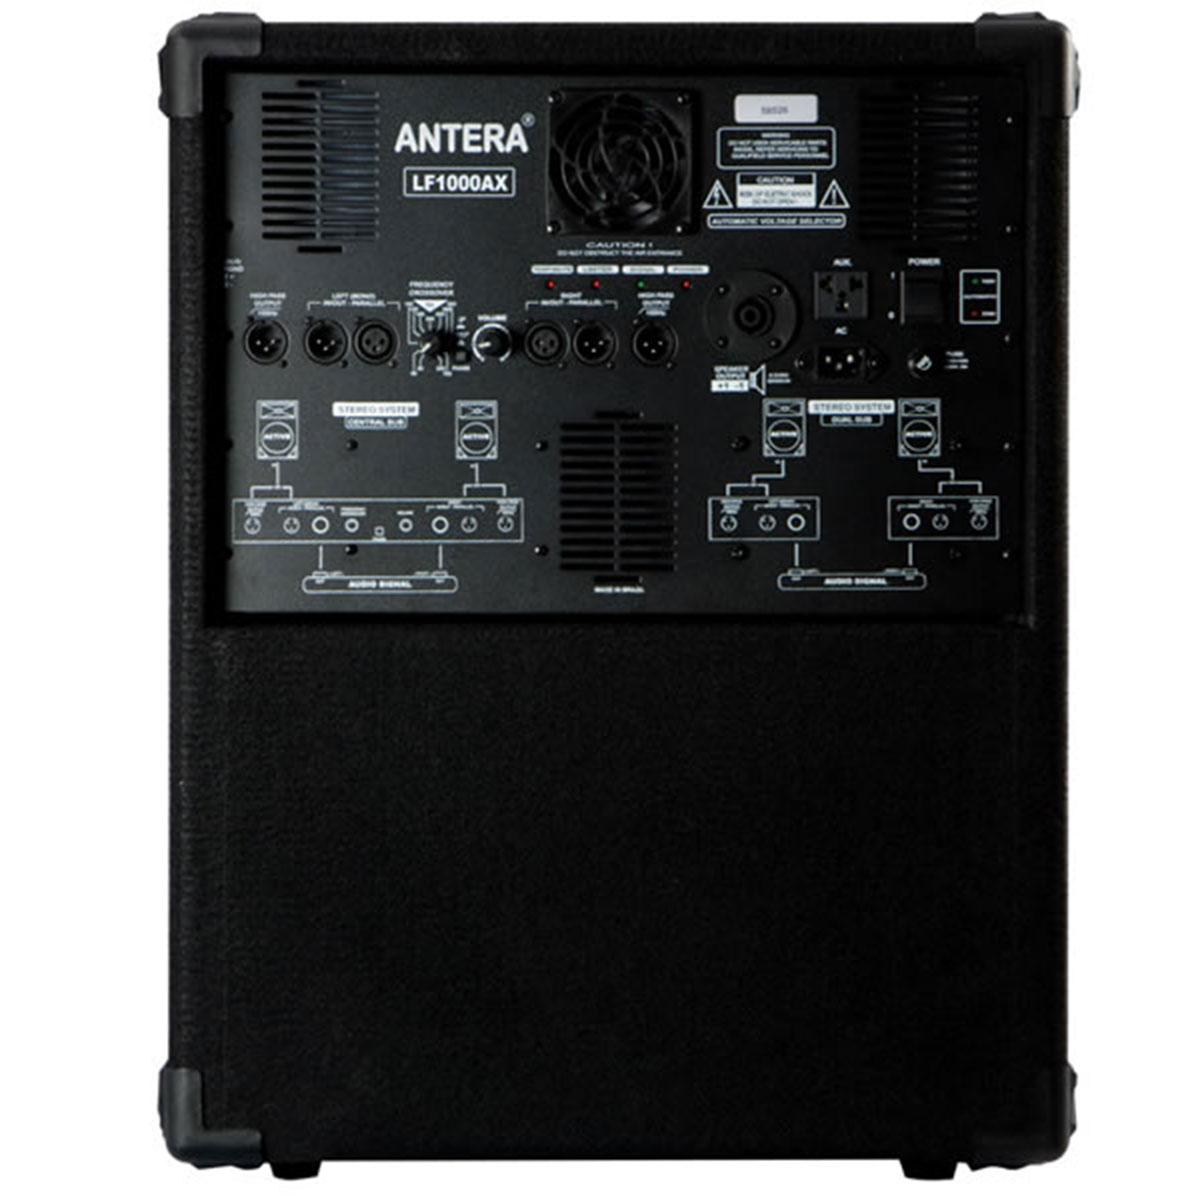 LF1000AX - Subwoofer Ativo 600W Preto LF 1000 A X - Antera